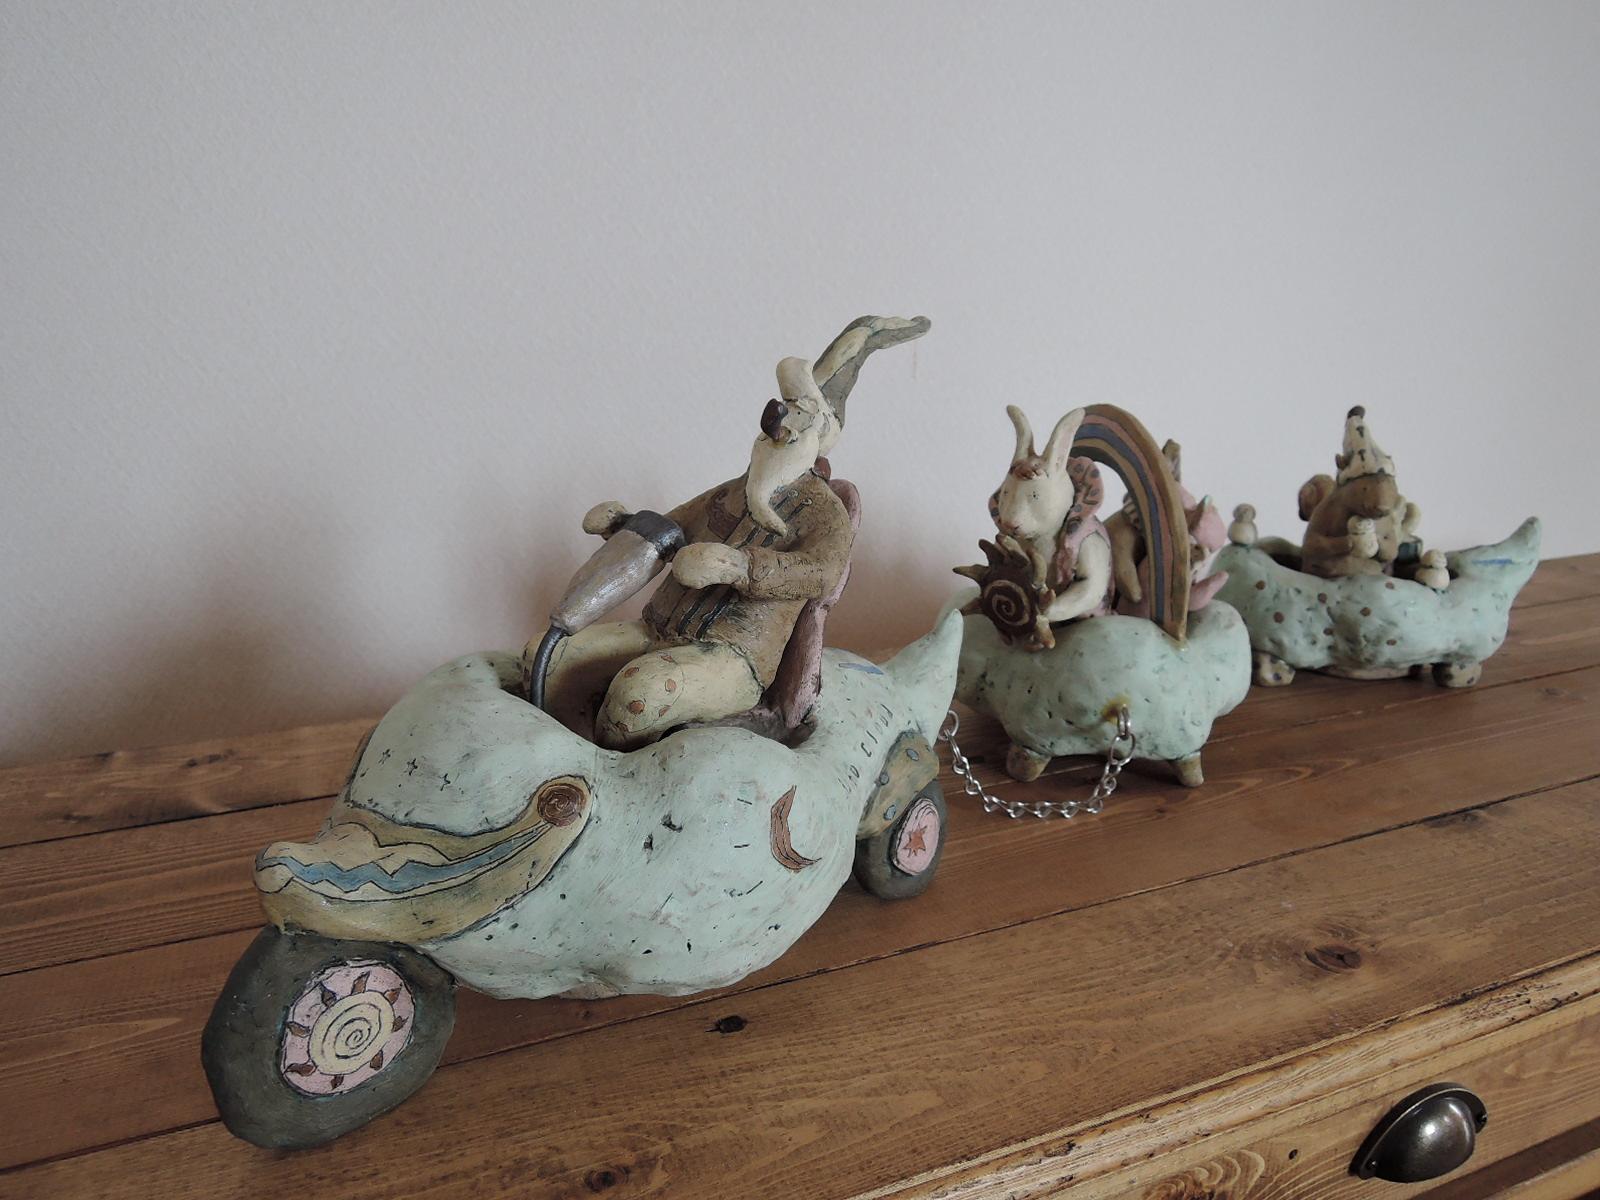 門脇美香江さんの陶器オブジェ 季節のパレード